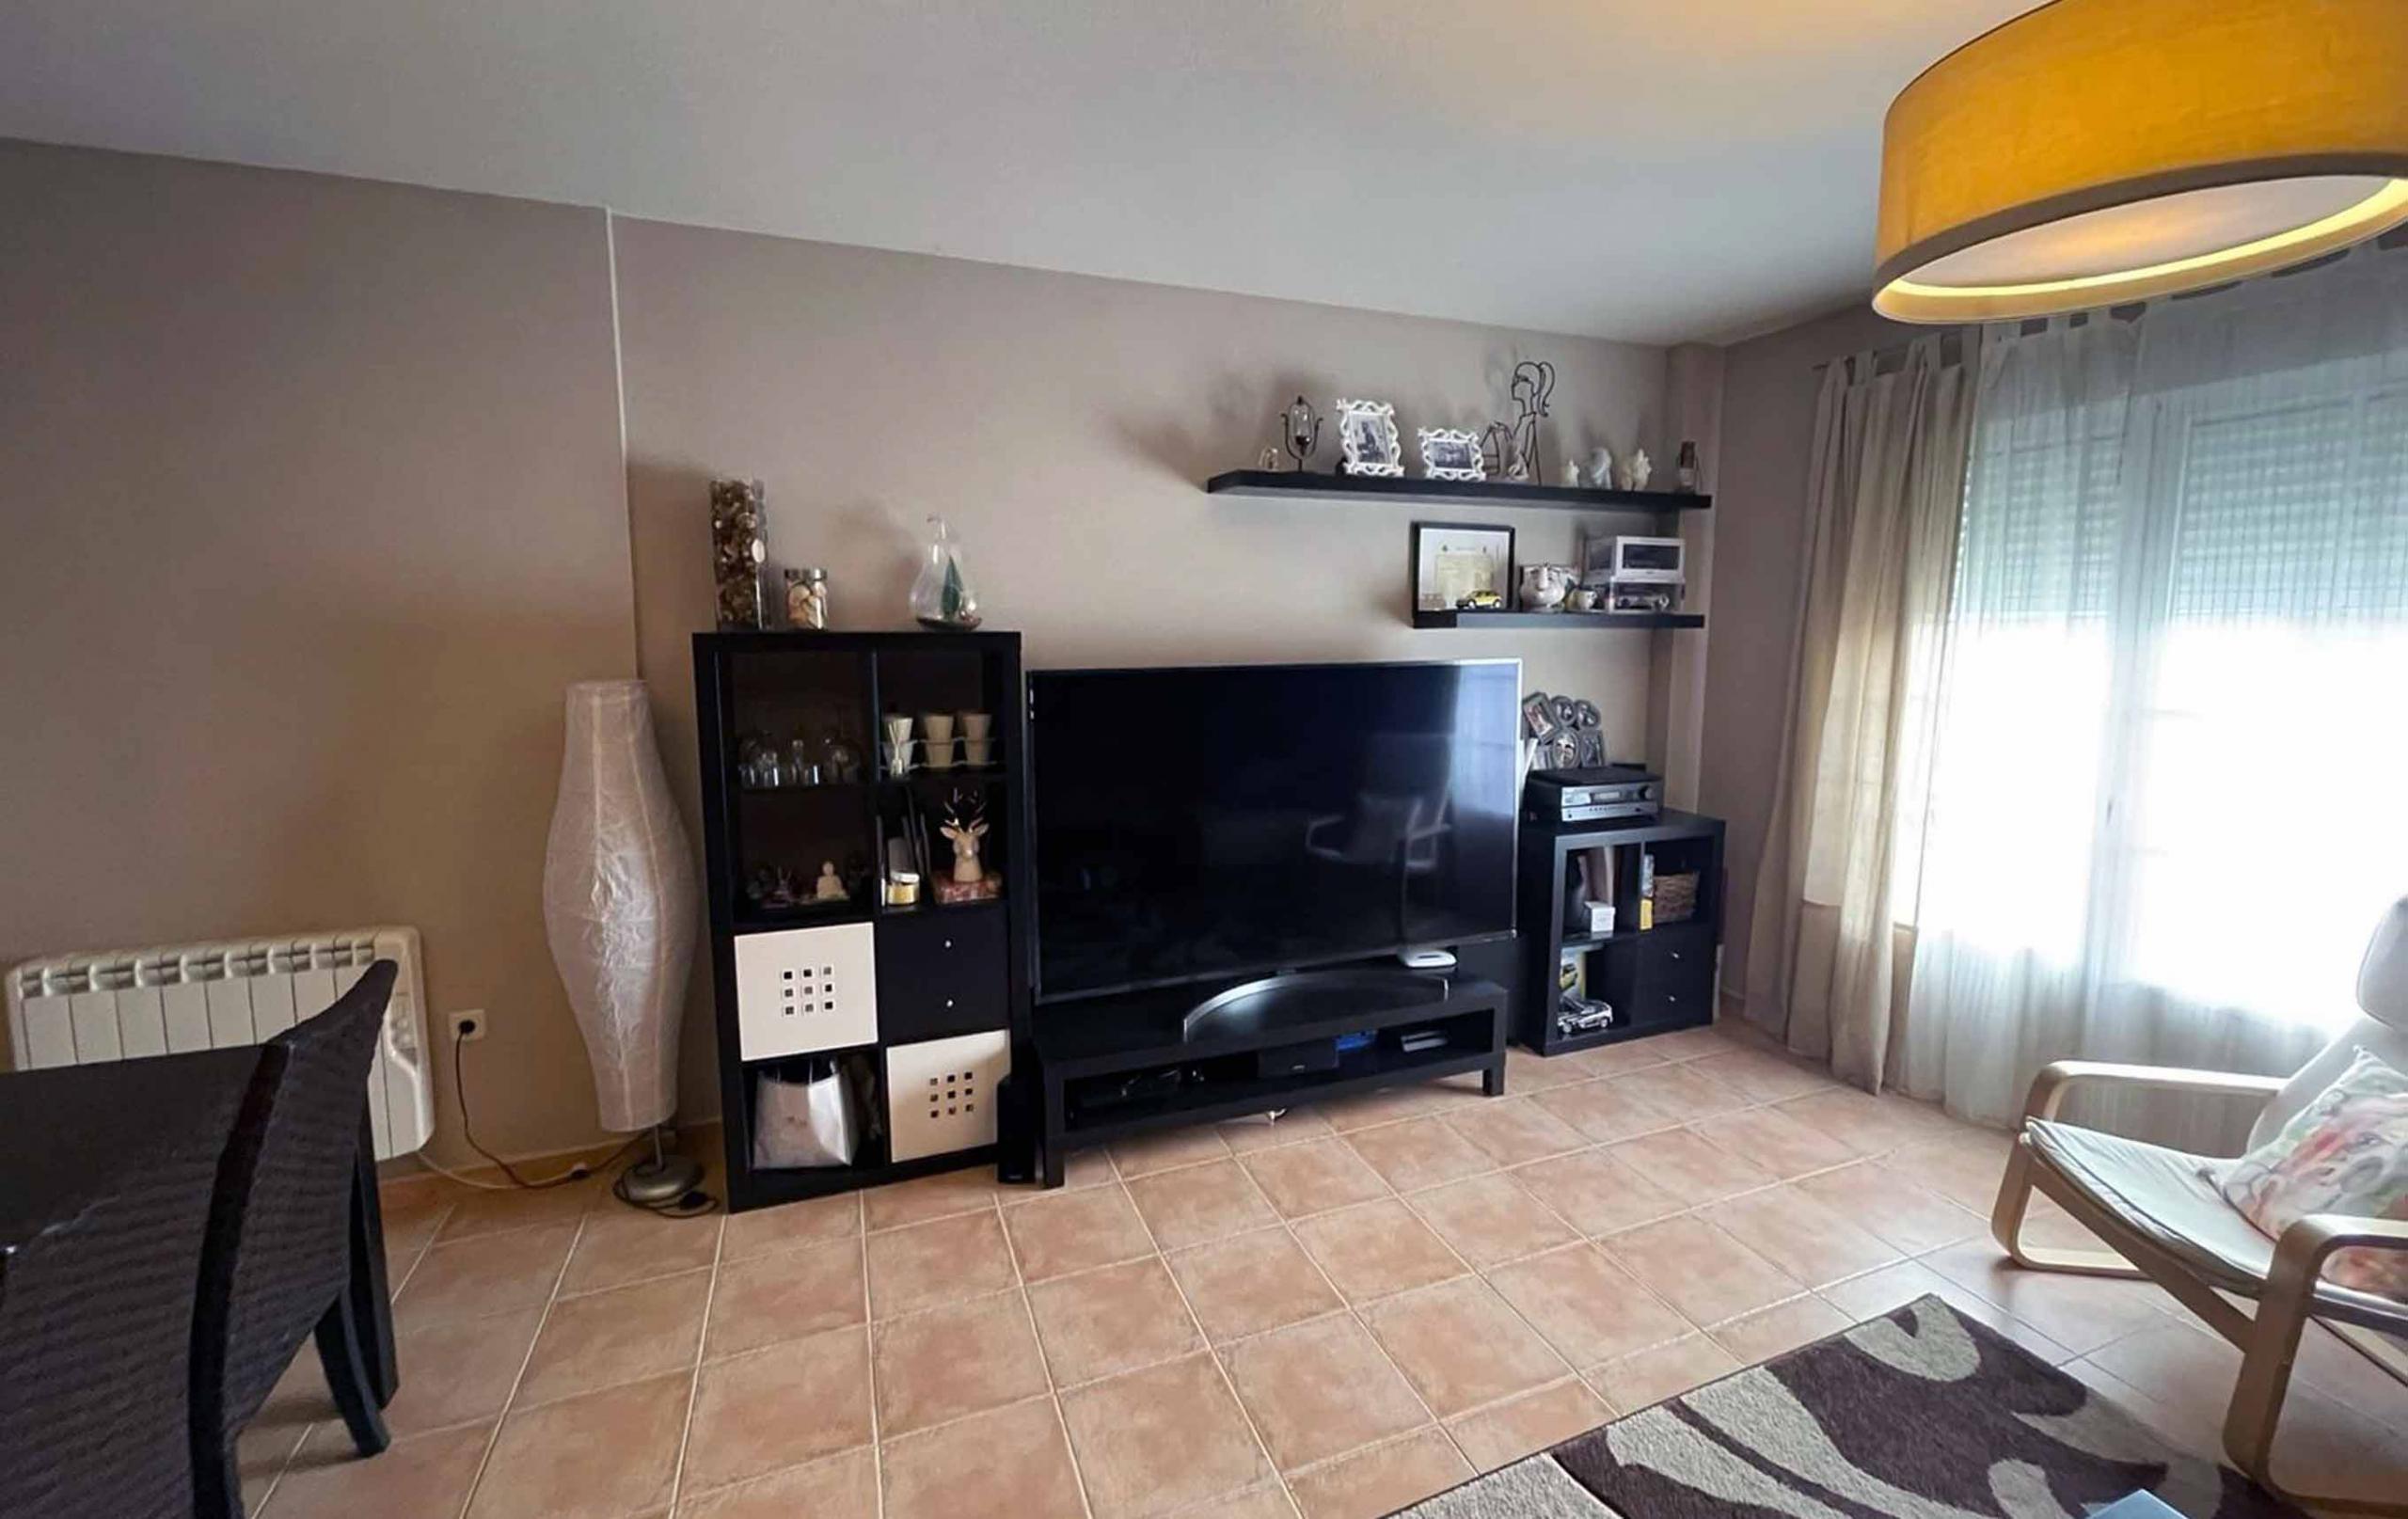 comprar apartamento en oferta Valdeaveruelo Guadalajara